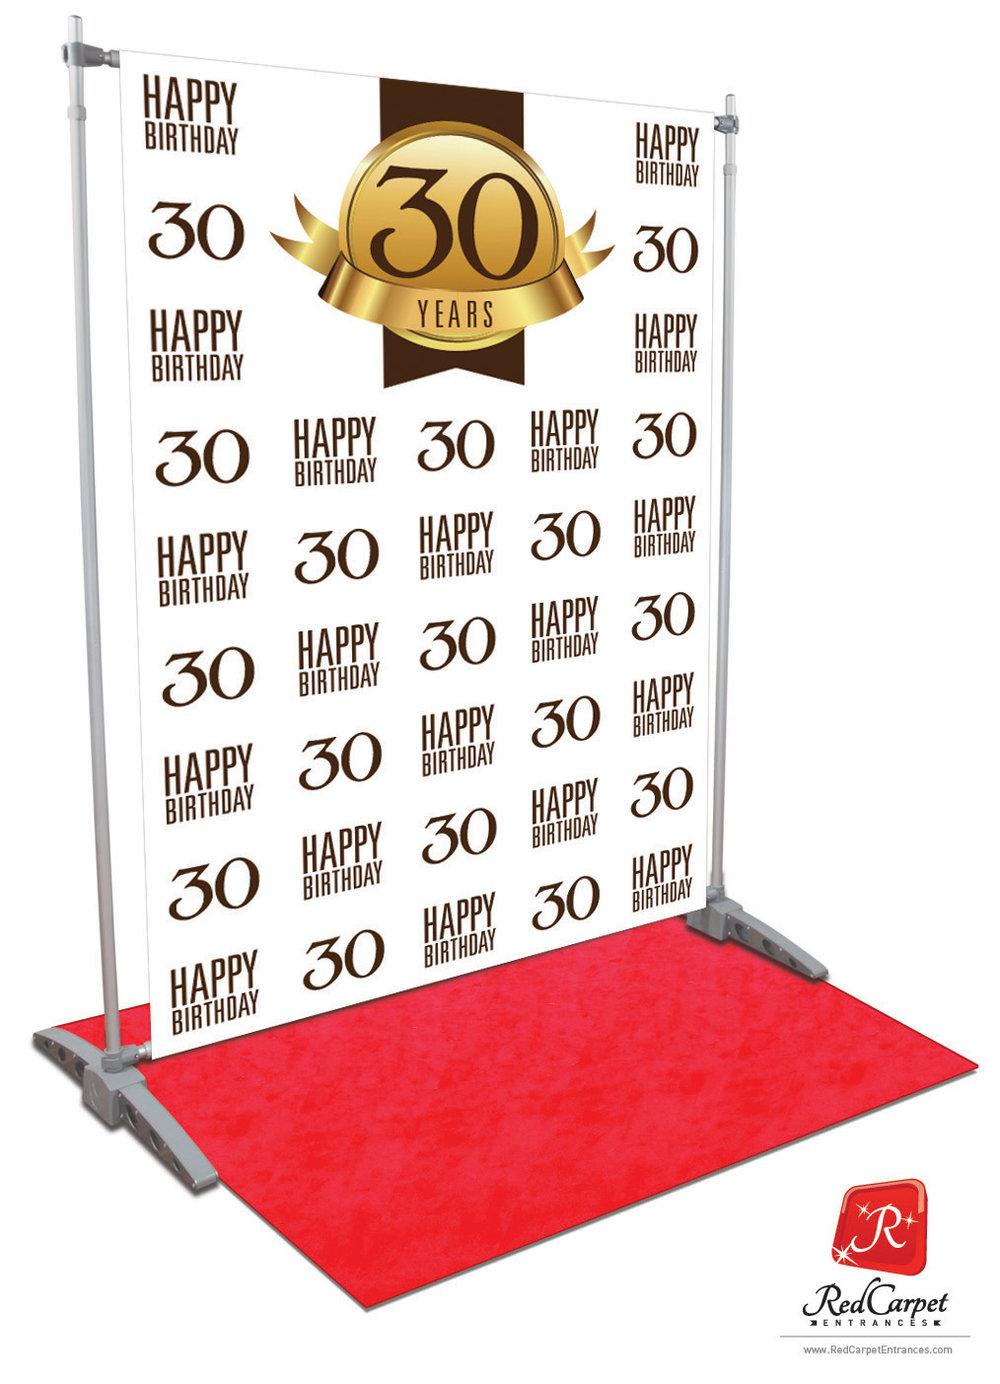 30th Birthday Backdrop White 5x8 Red Carpet Runner